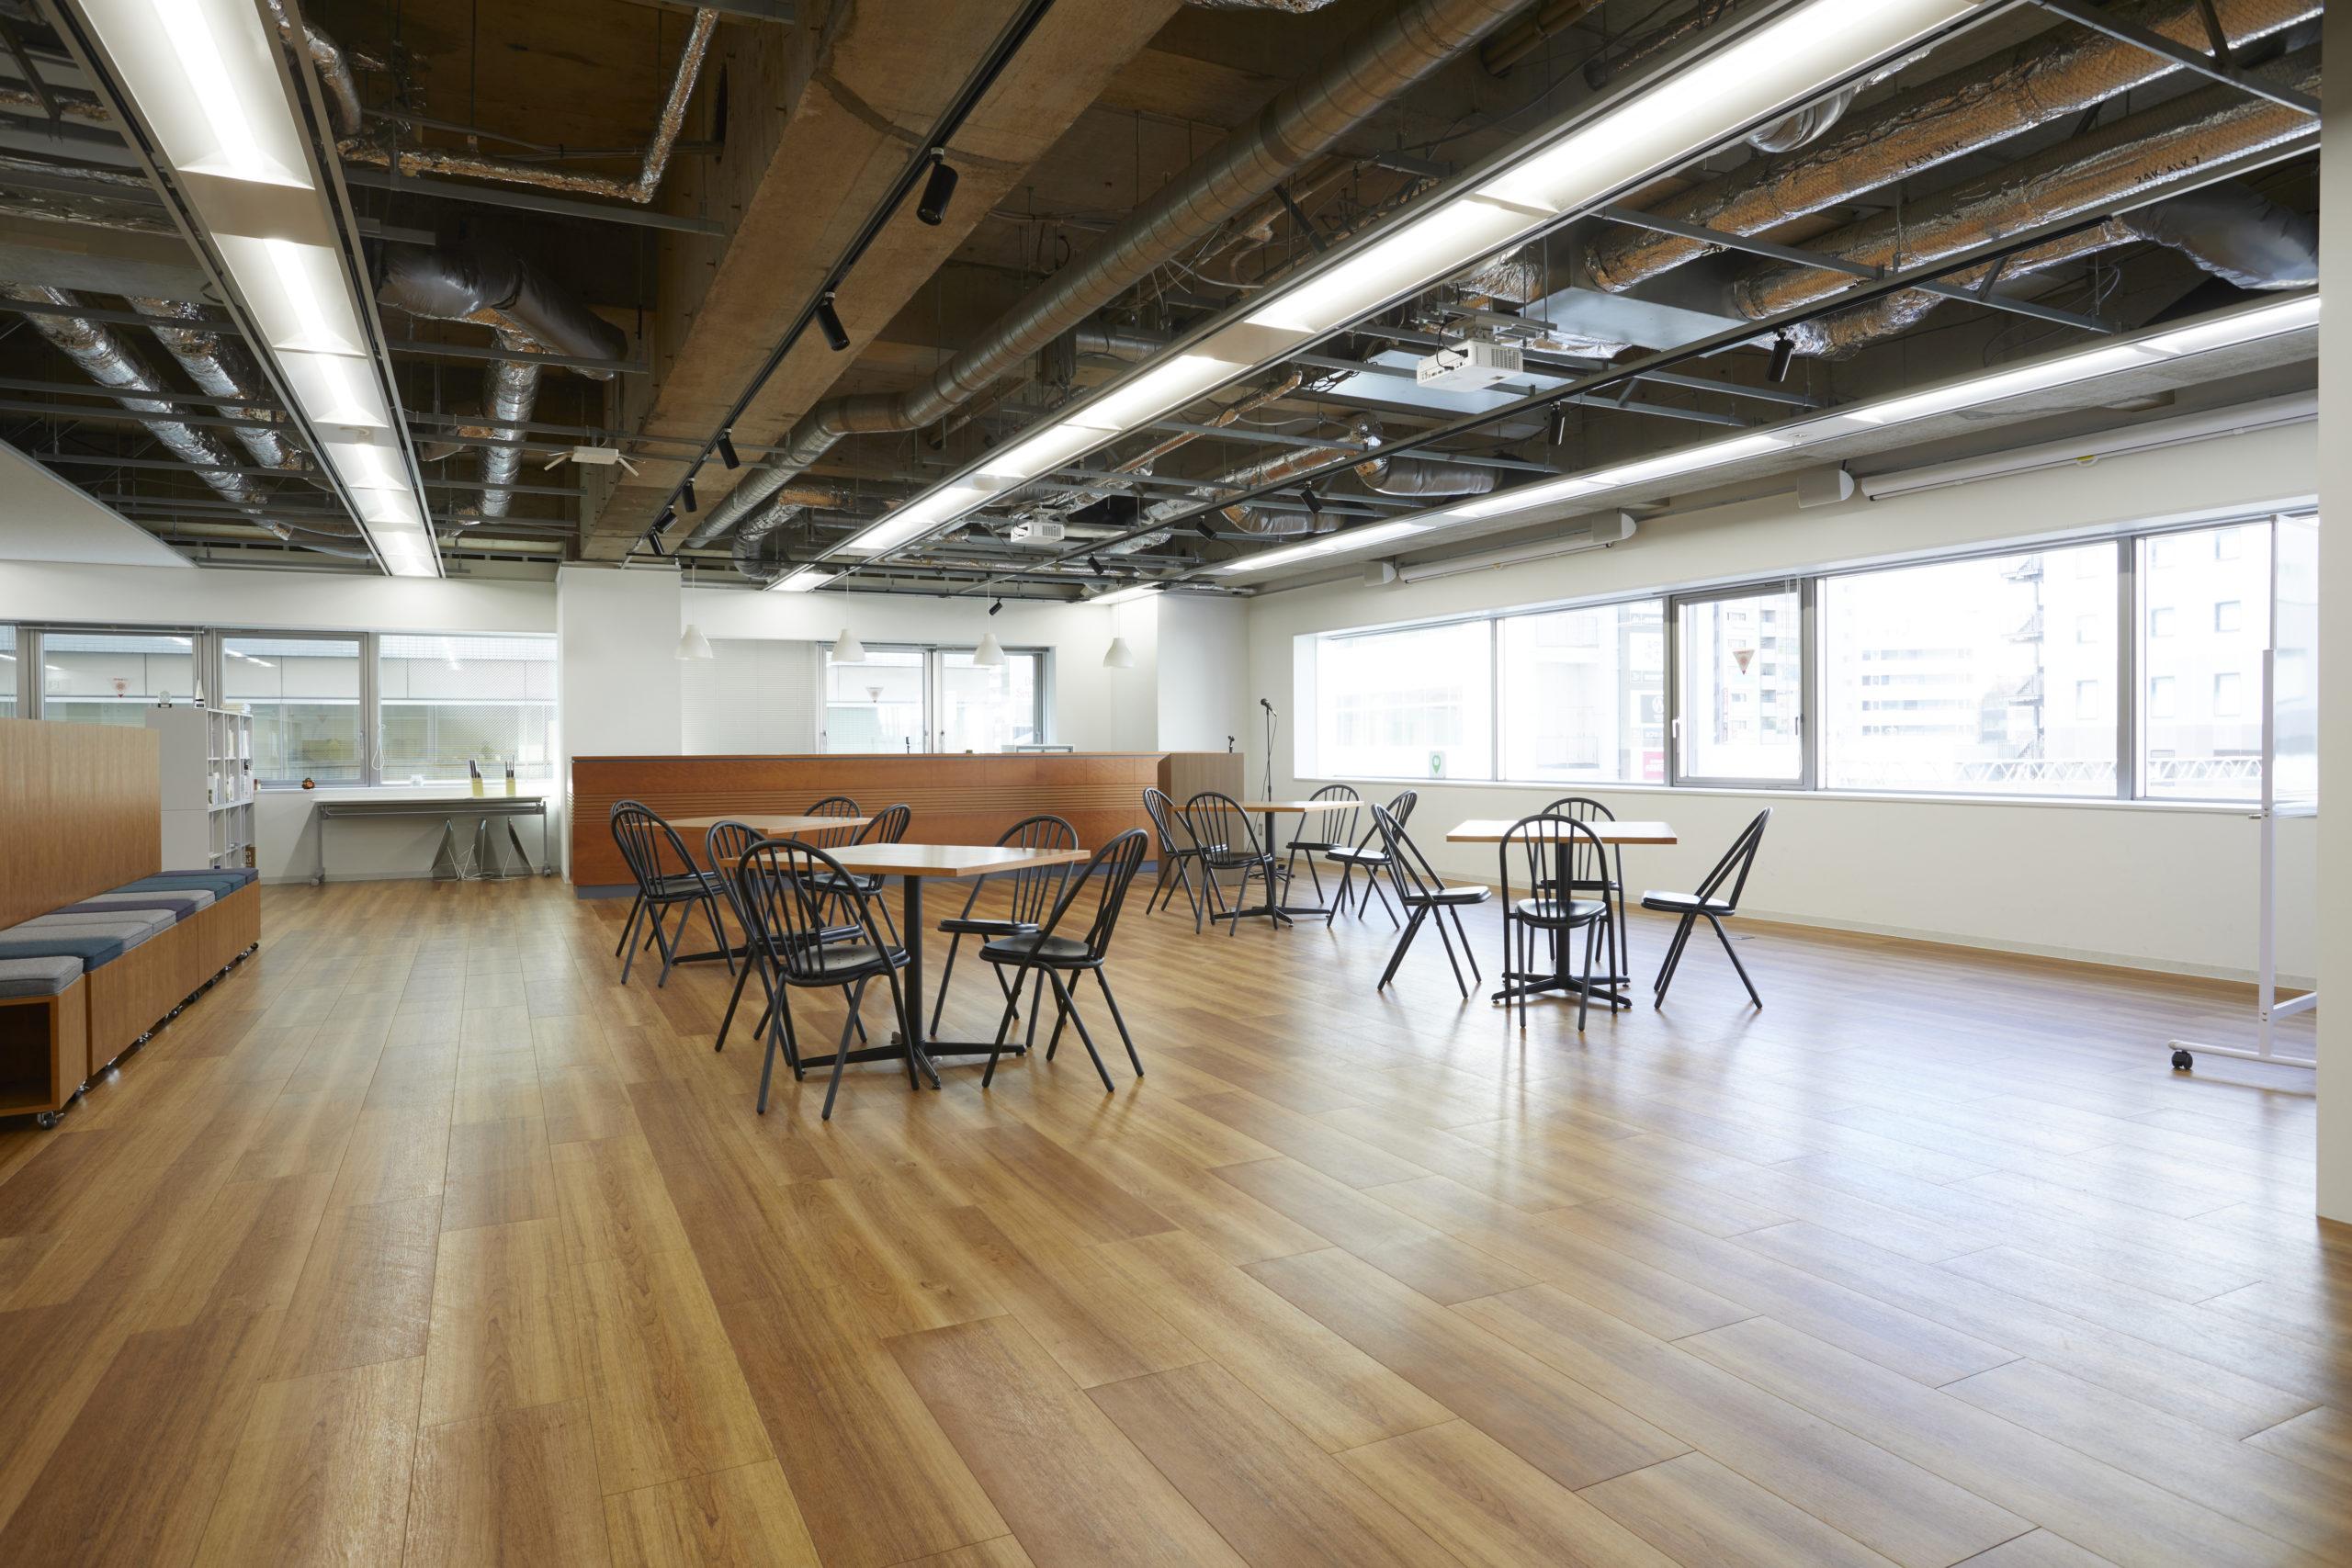 オフィスの移転・原状回復|原状回復減額実績|株式会社Pathee|オージェント合同会社